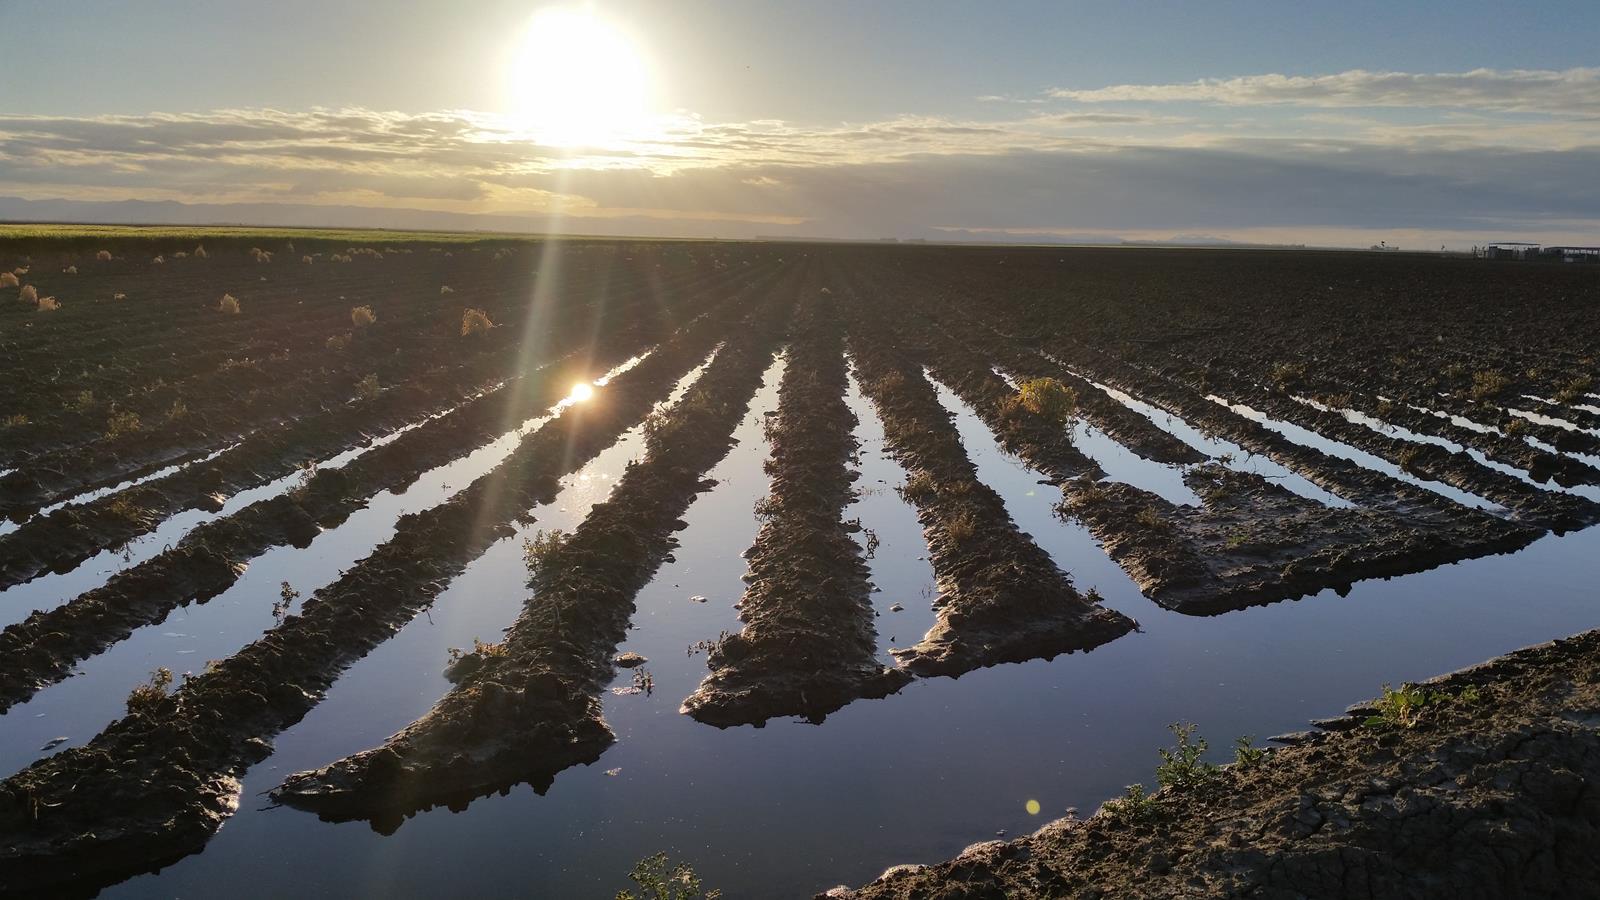 irrigated alfalfa ucalfalfagrowth free